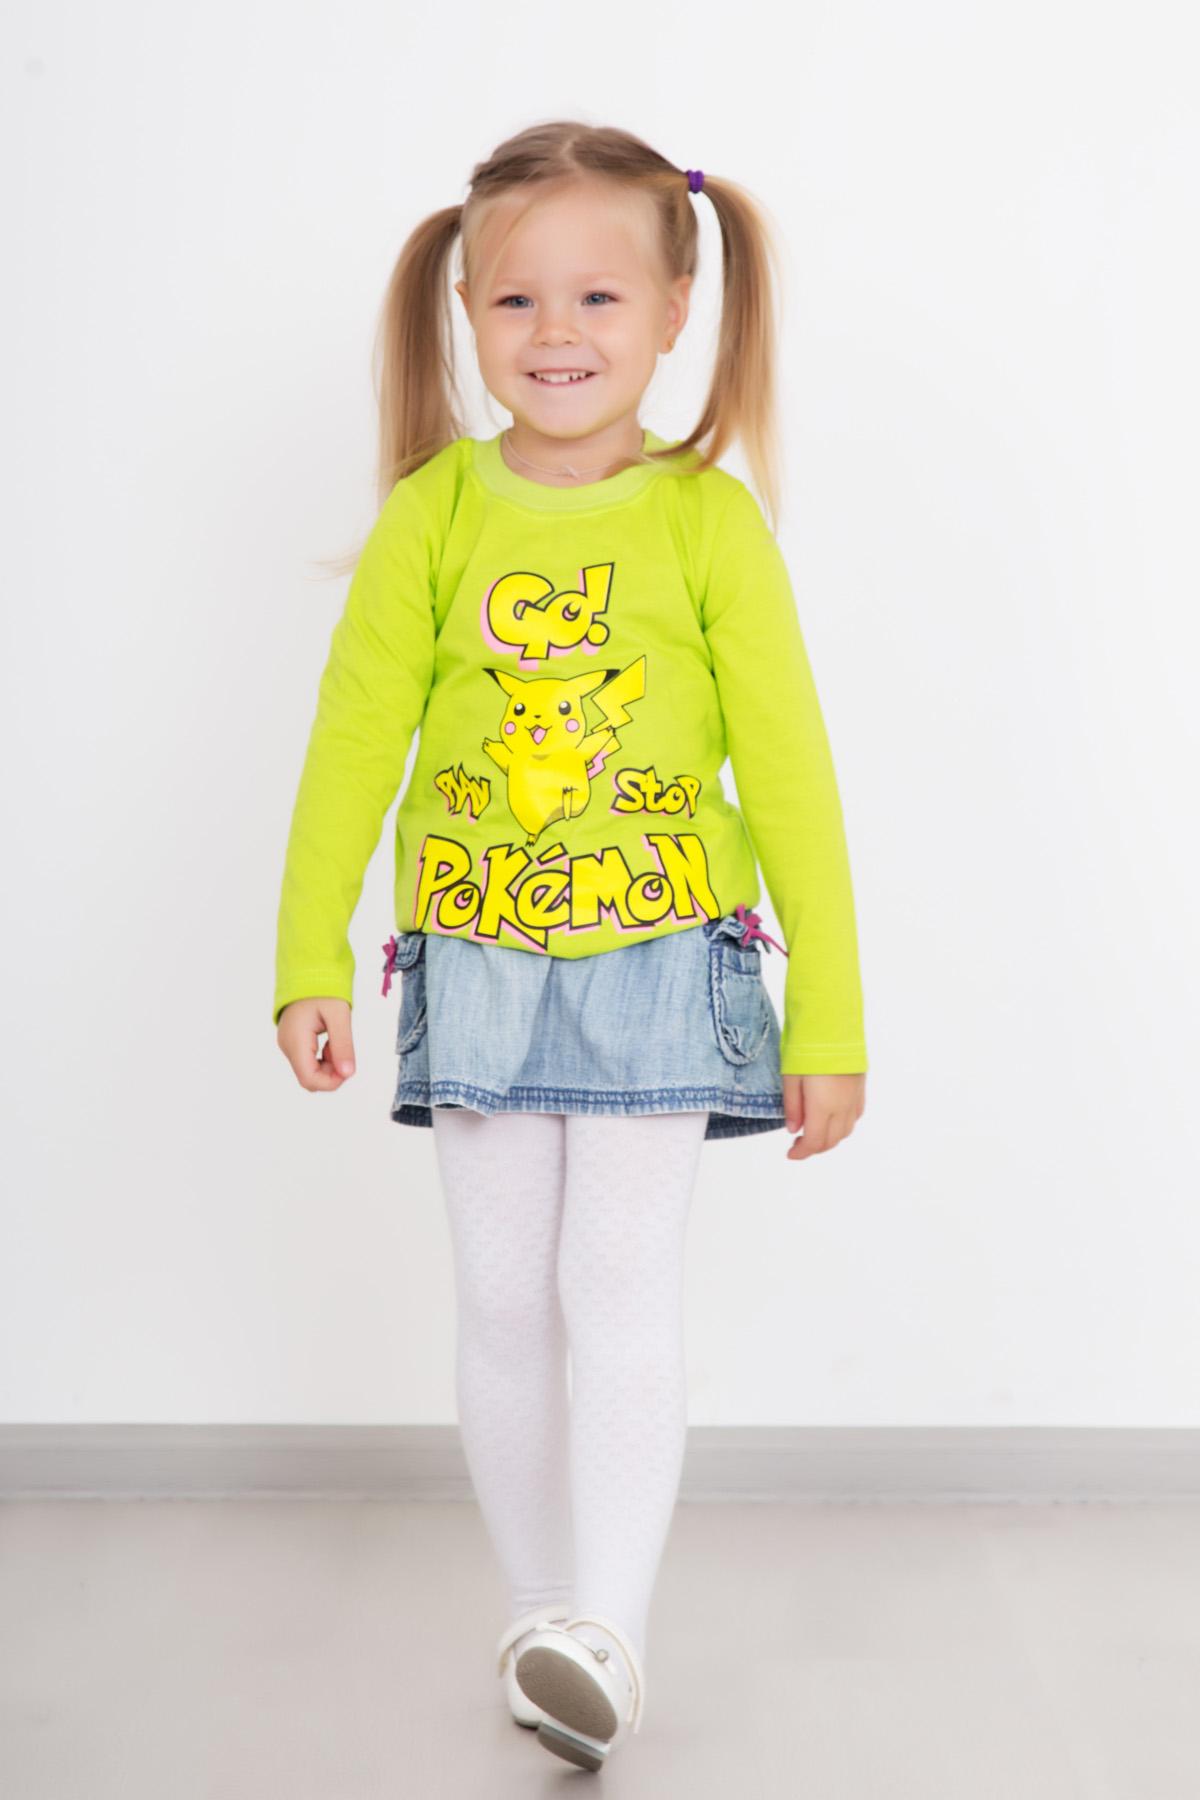 Дет. футболка Покемон Зеленый р. 32Толстовки, джемпера и рубашки<br><br><br>Тип: Дет. футболка<br>Размер: 32<br>Материал: Кулирка